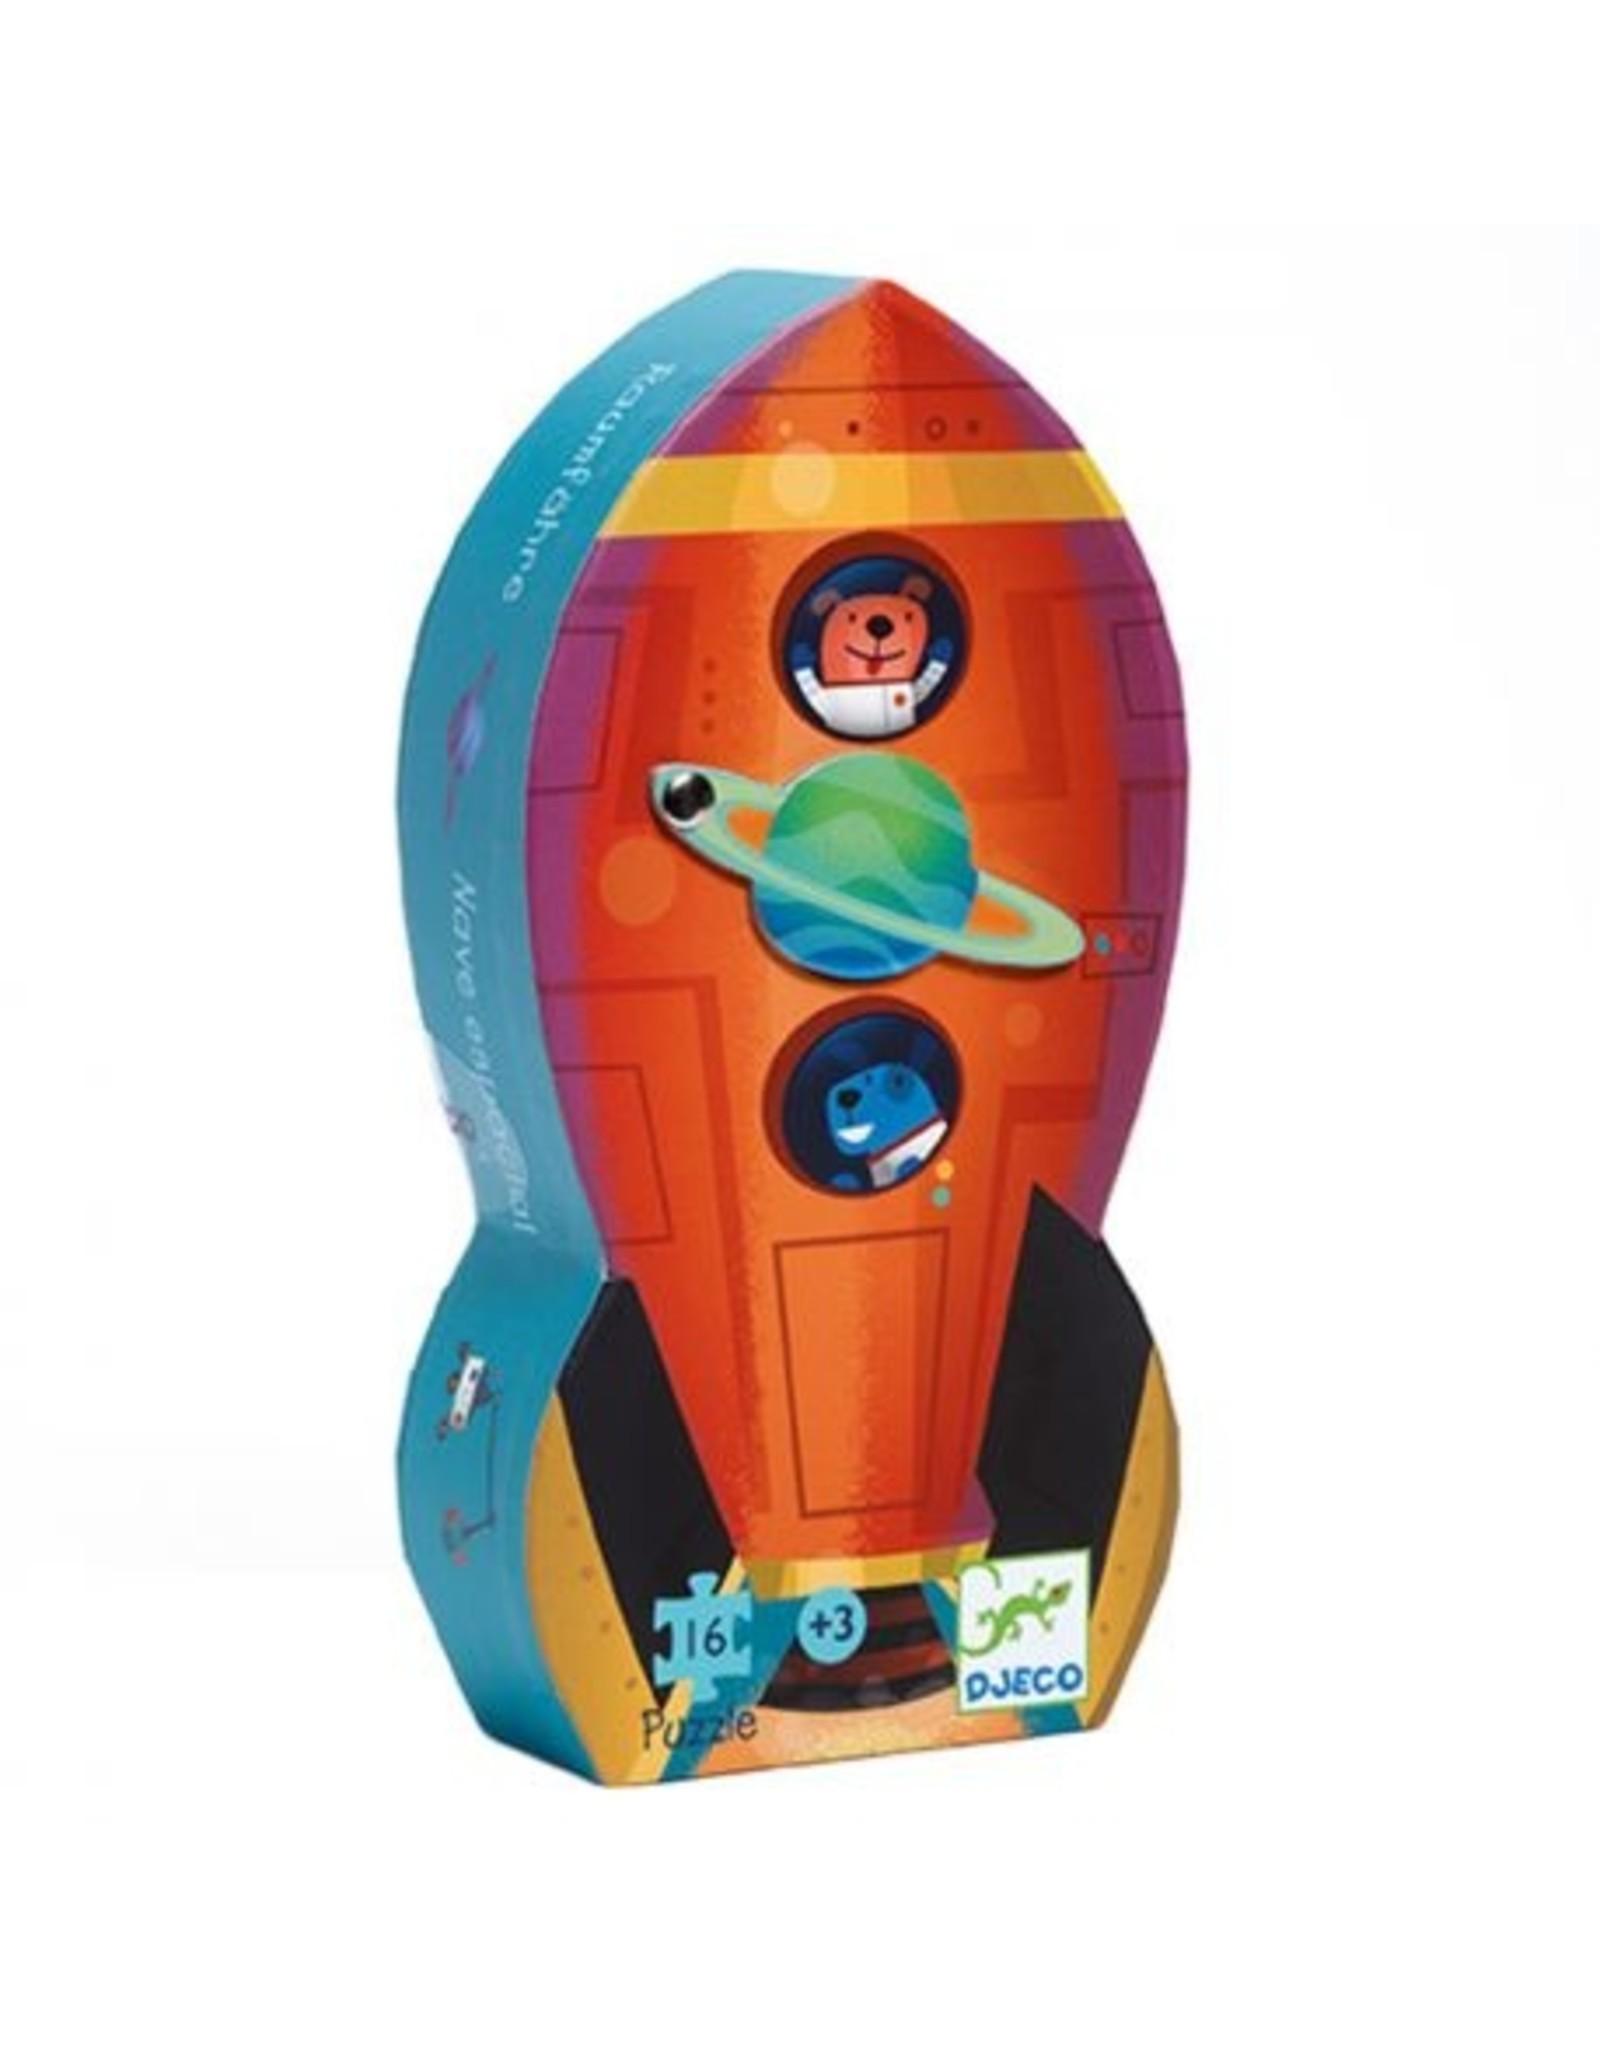 Djeco Silhouette puzzle Spaceship DJ07271